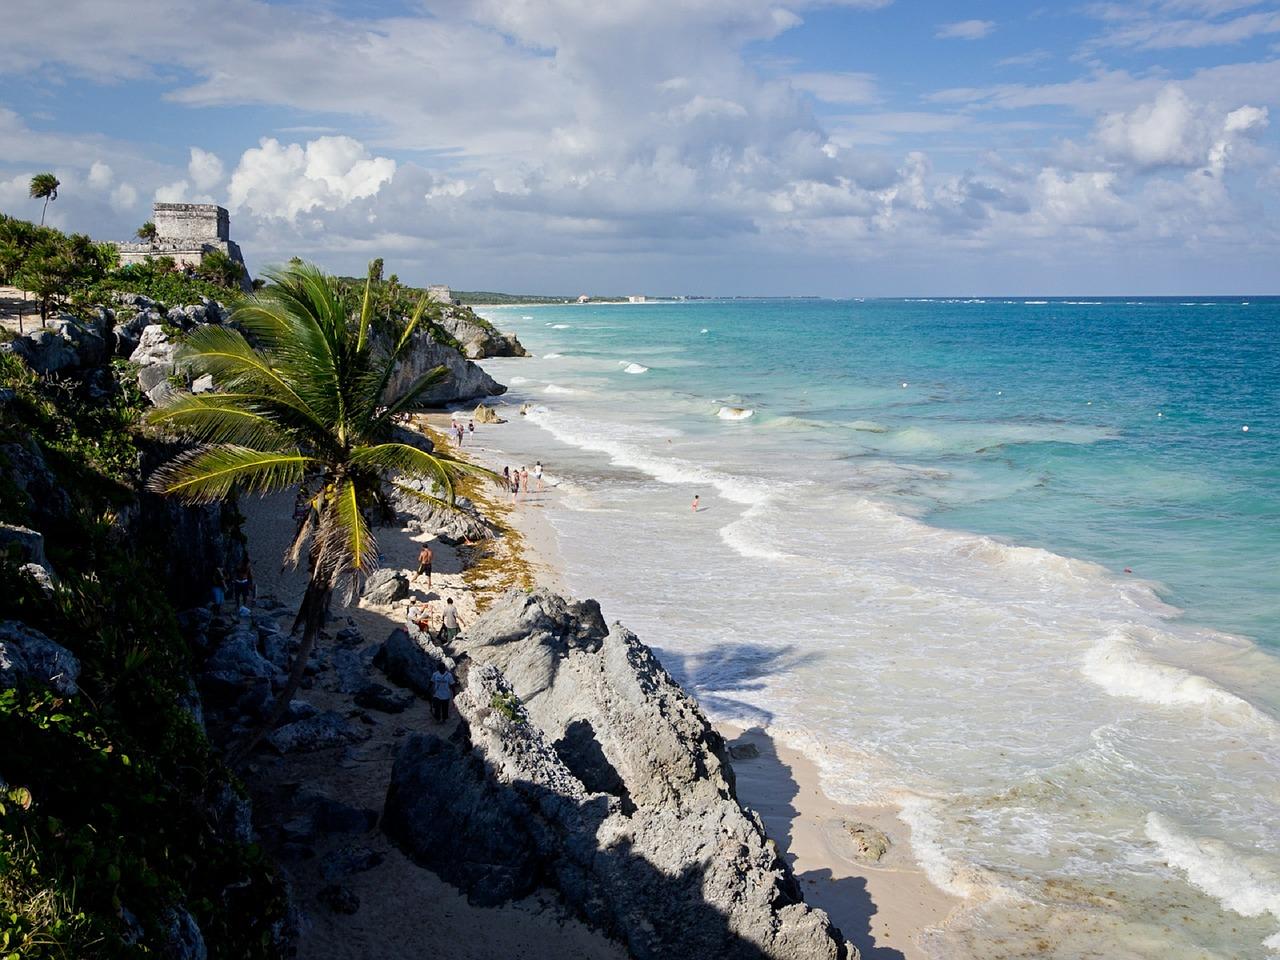 beach-634041_1280.jpg